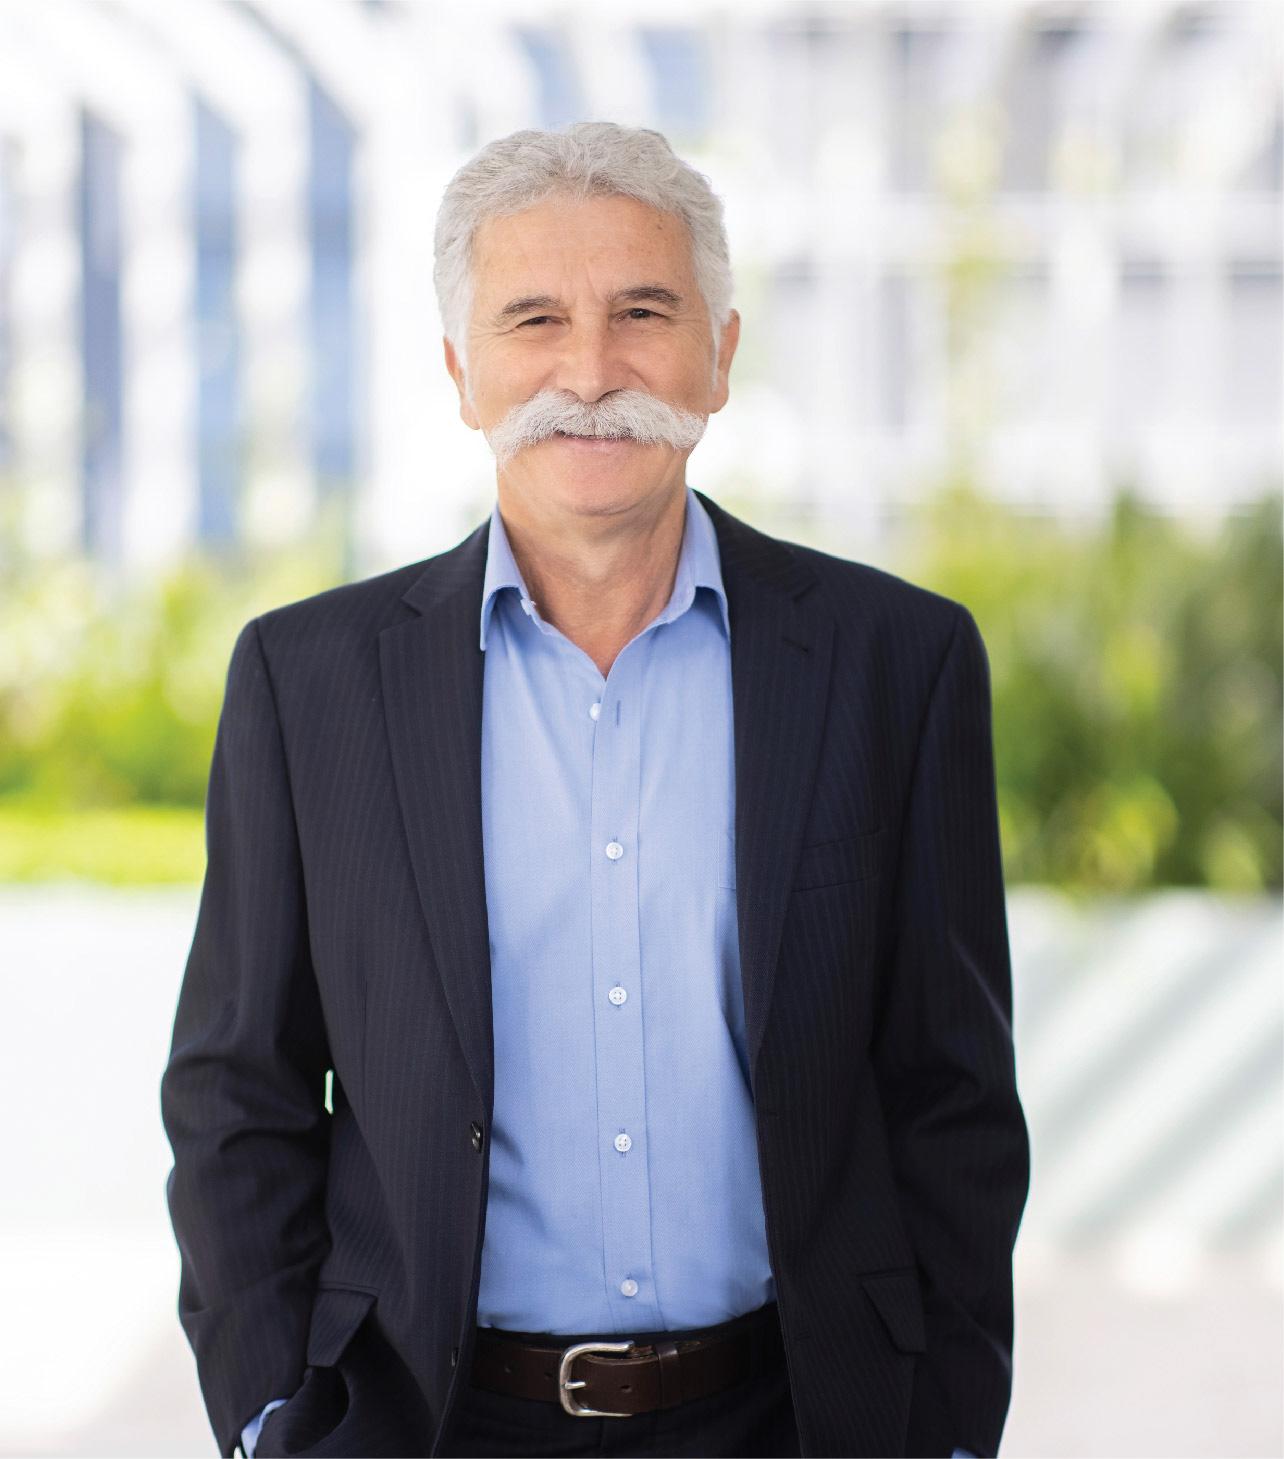 Tony Pagano